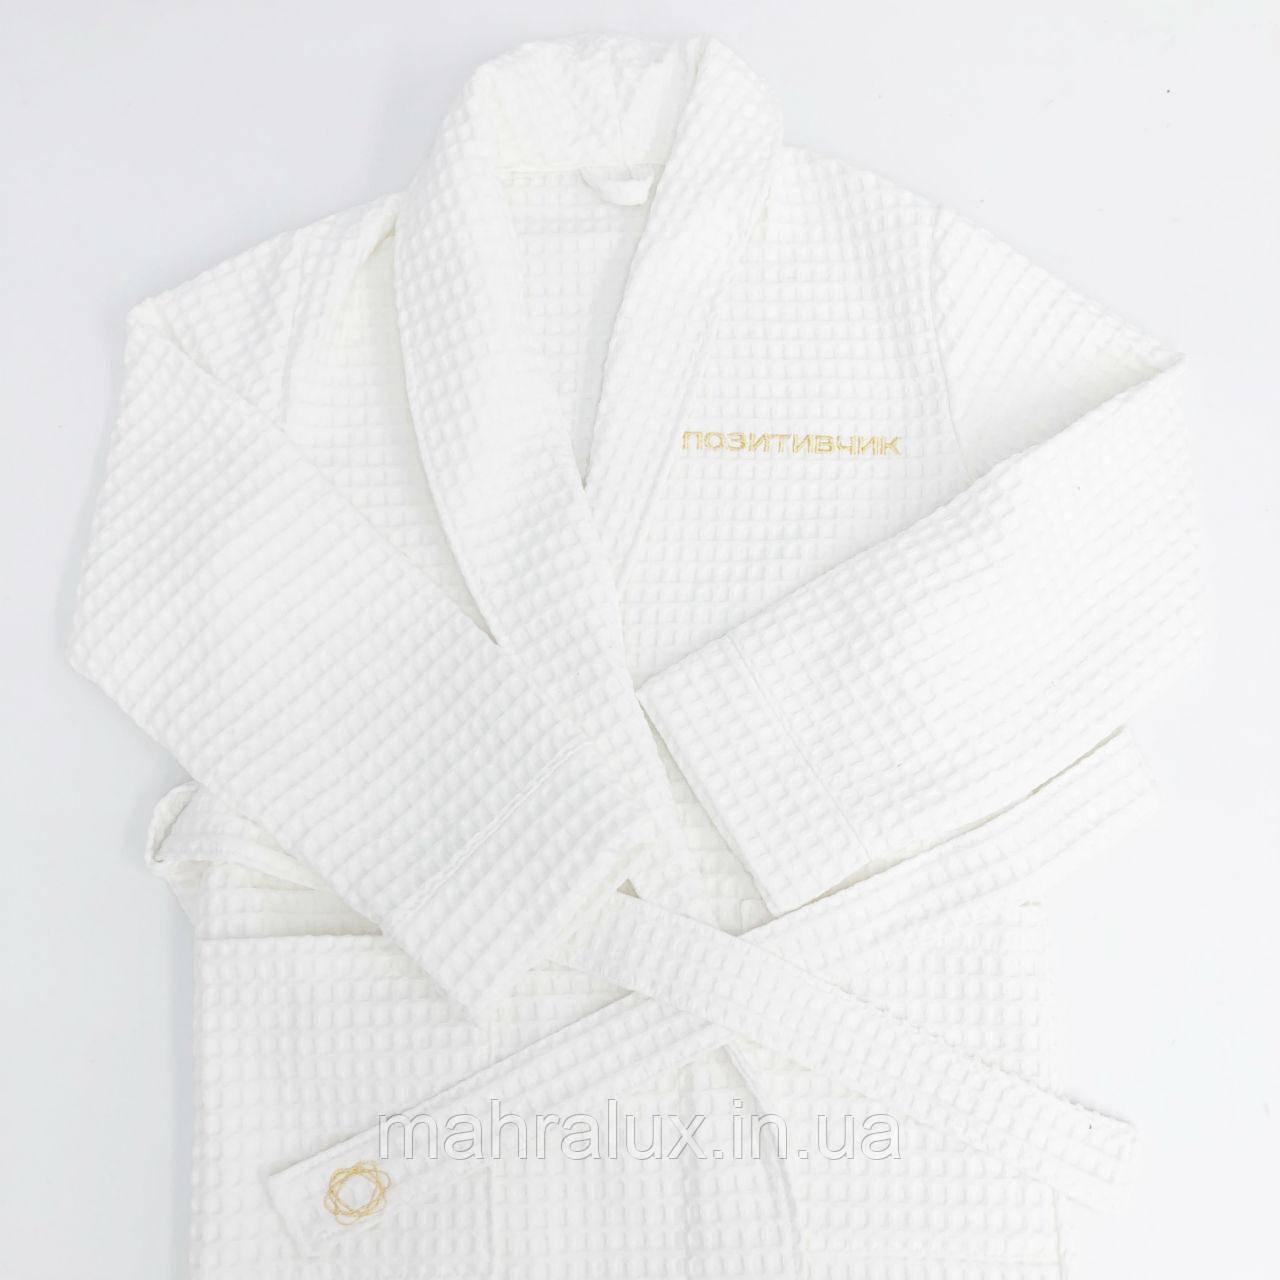 Вышивка на халатах для массажных салонов